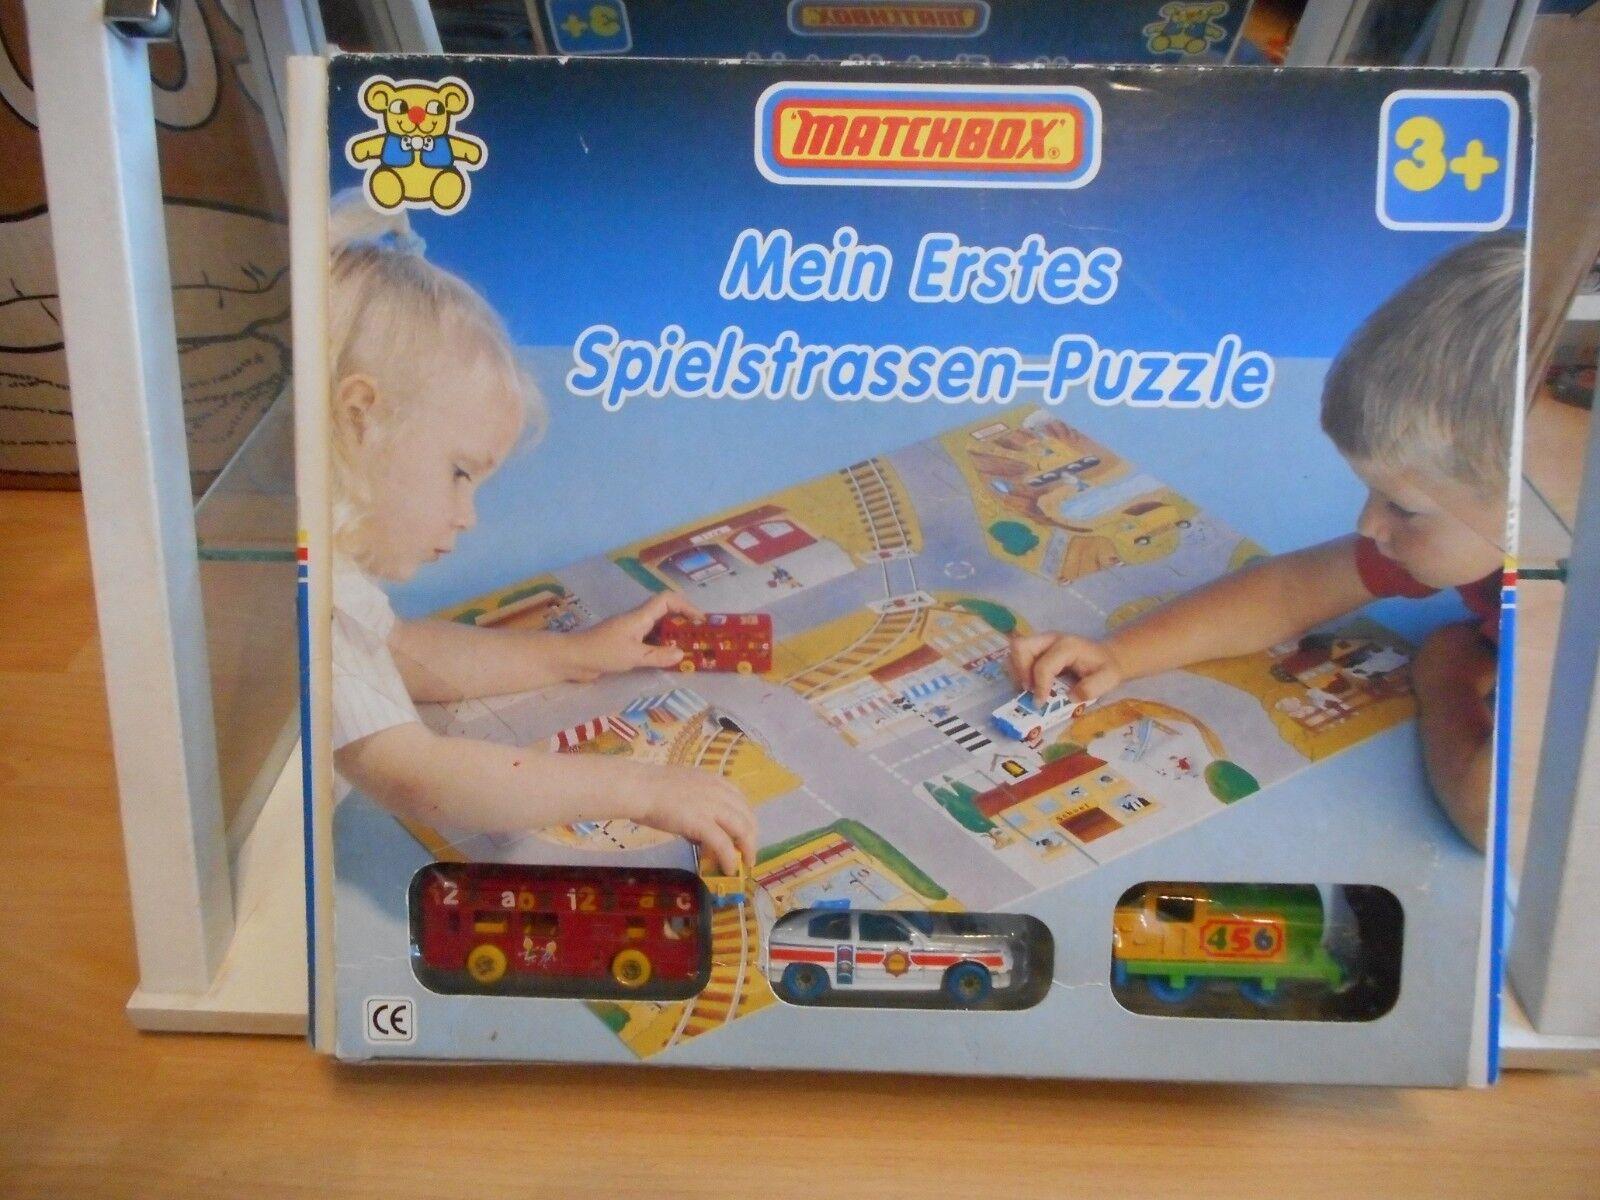 Matchbox  My First Matchbox  Set + Jigsaw Jigsaw Jigsaw Playmat in Box (German Issue) 2befa0